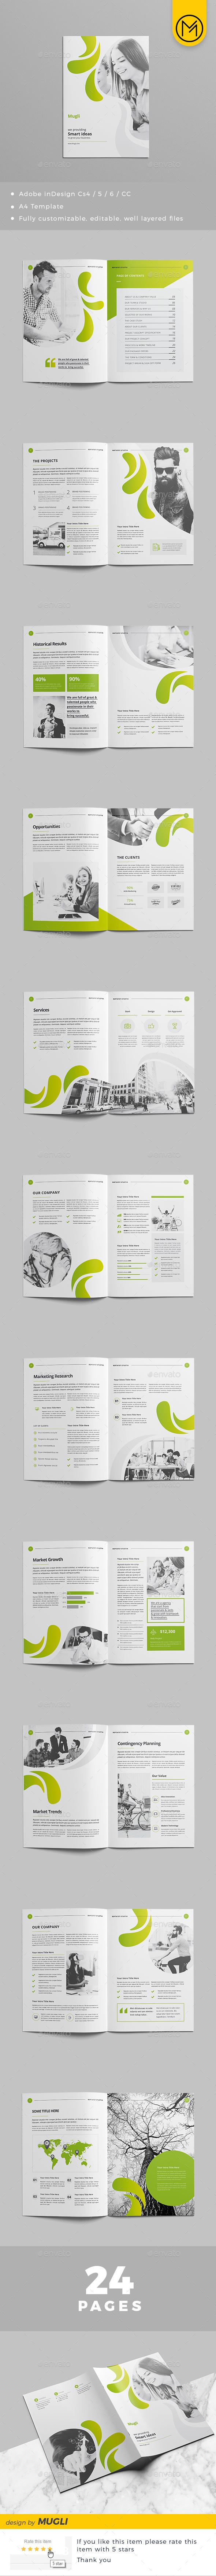 Brochure Design 2018 - Corporate Brochures